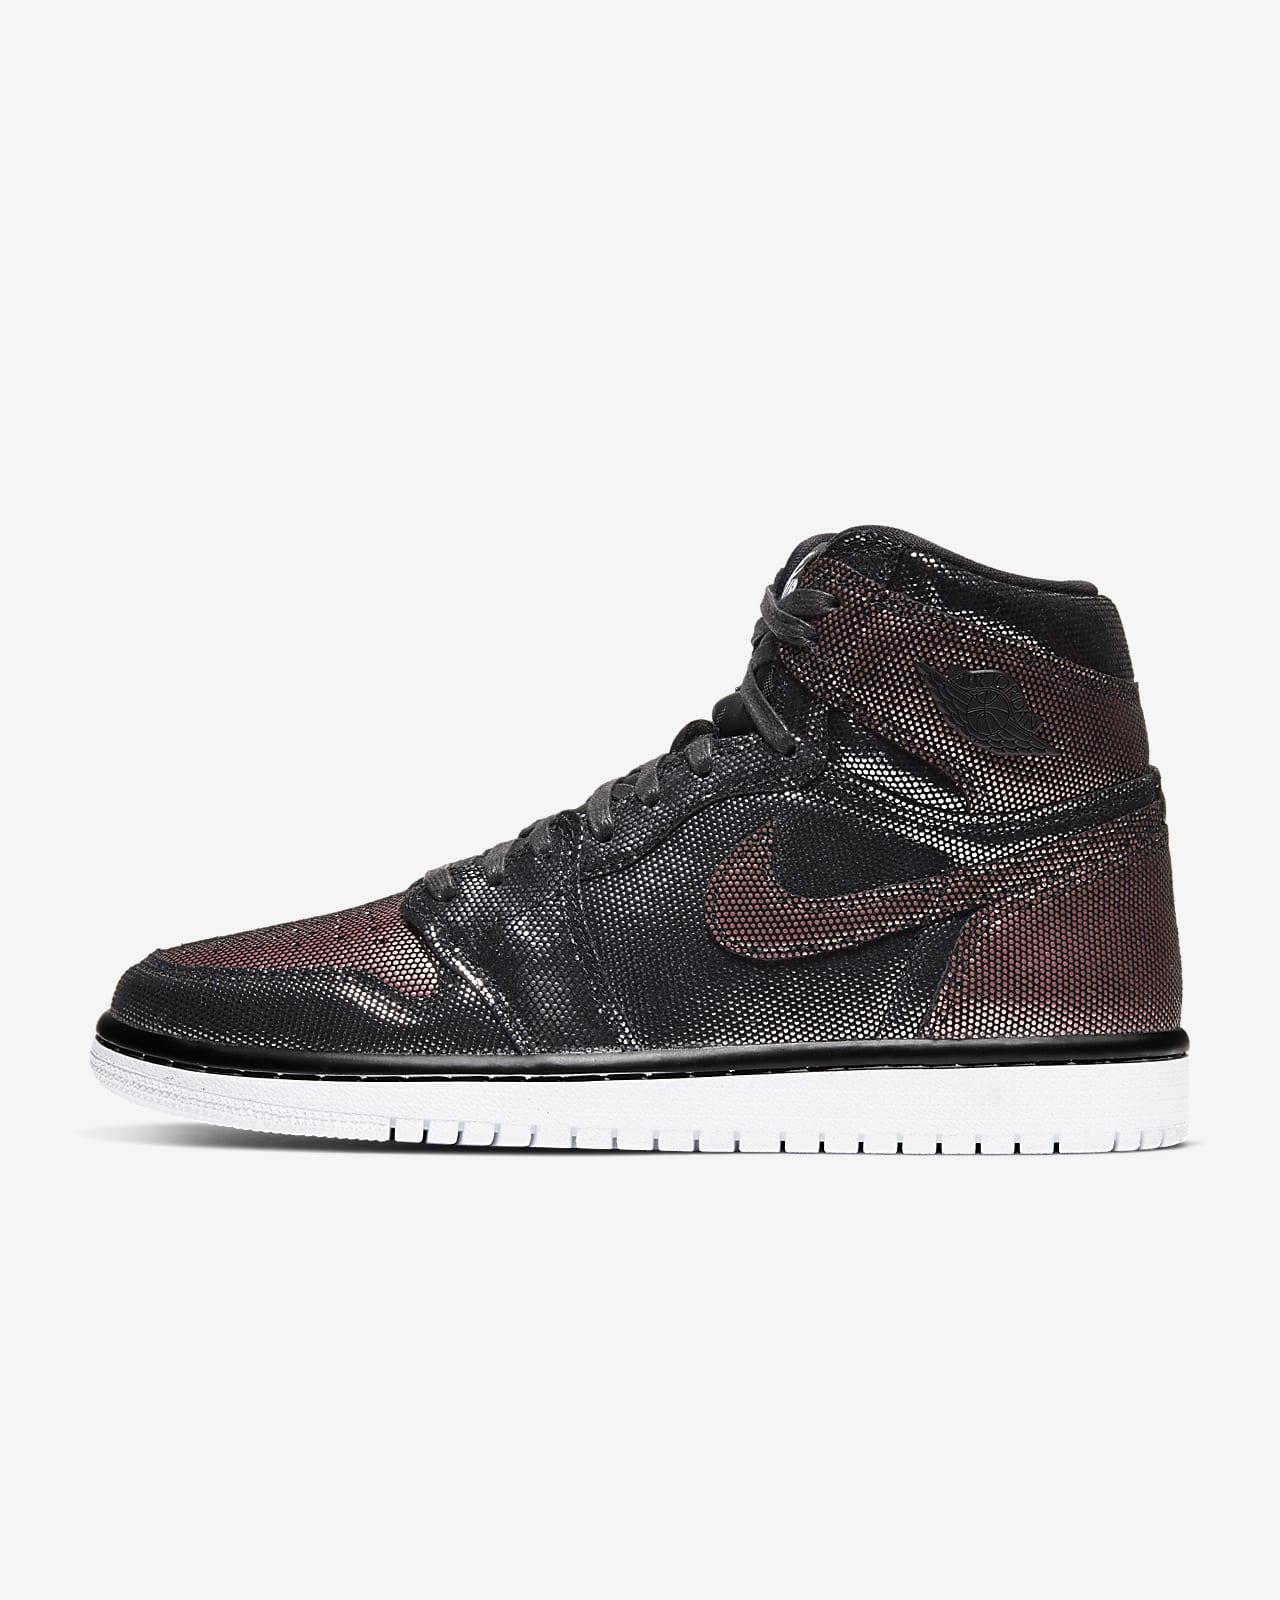 Air Jordan 1 Hi OG Fearless női cipő